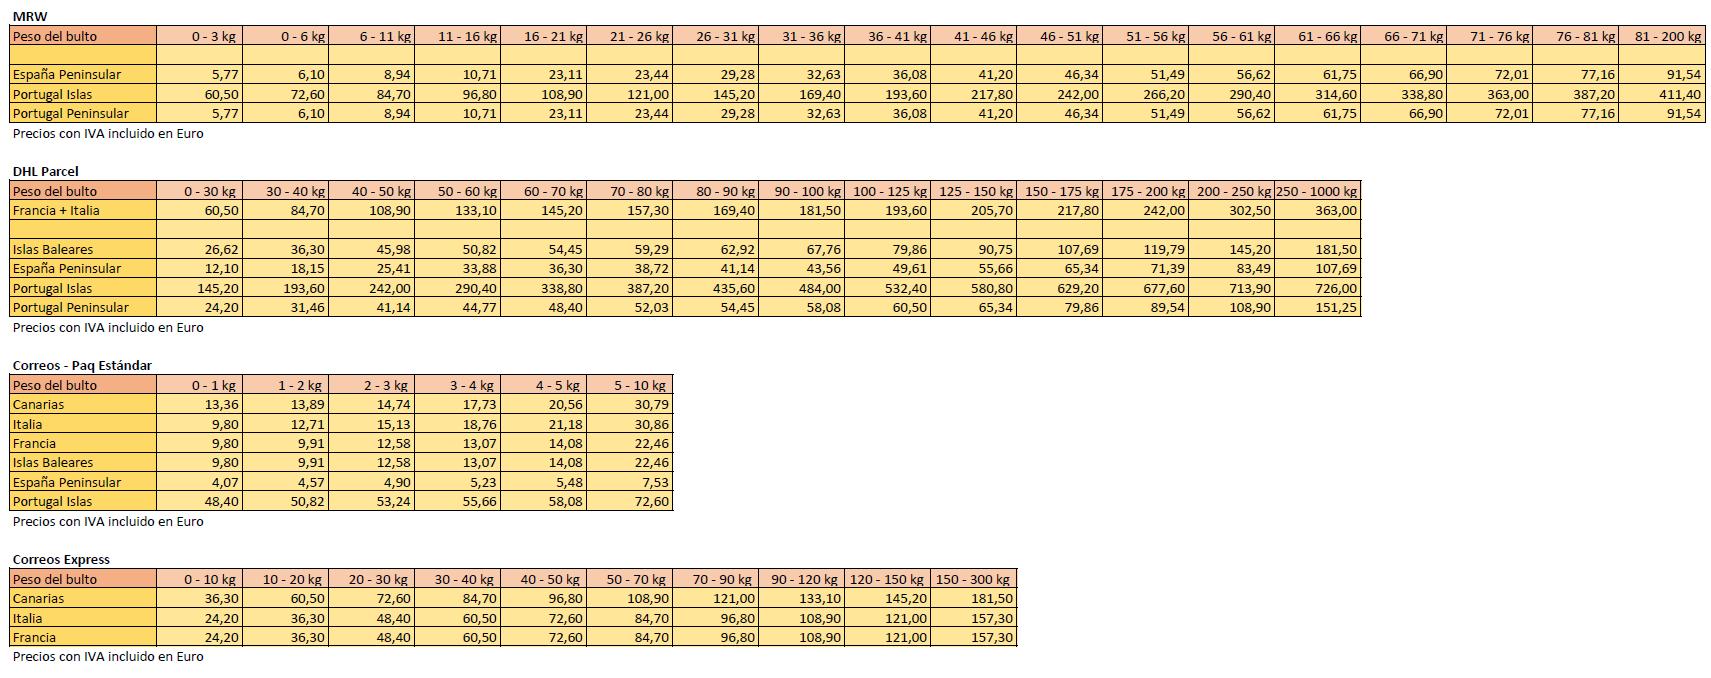 Tabla de precios con IVA de envío Todoc